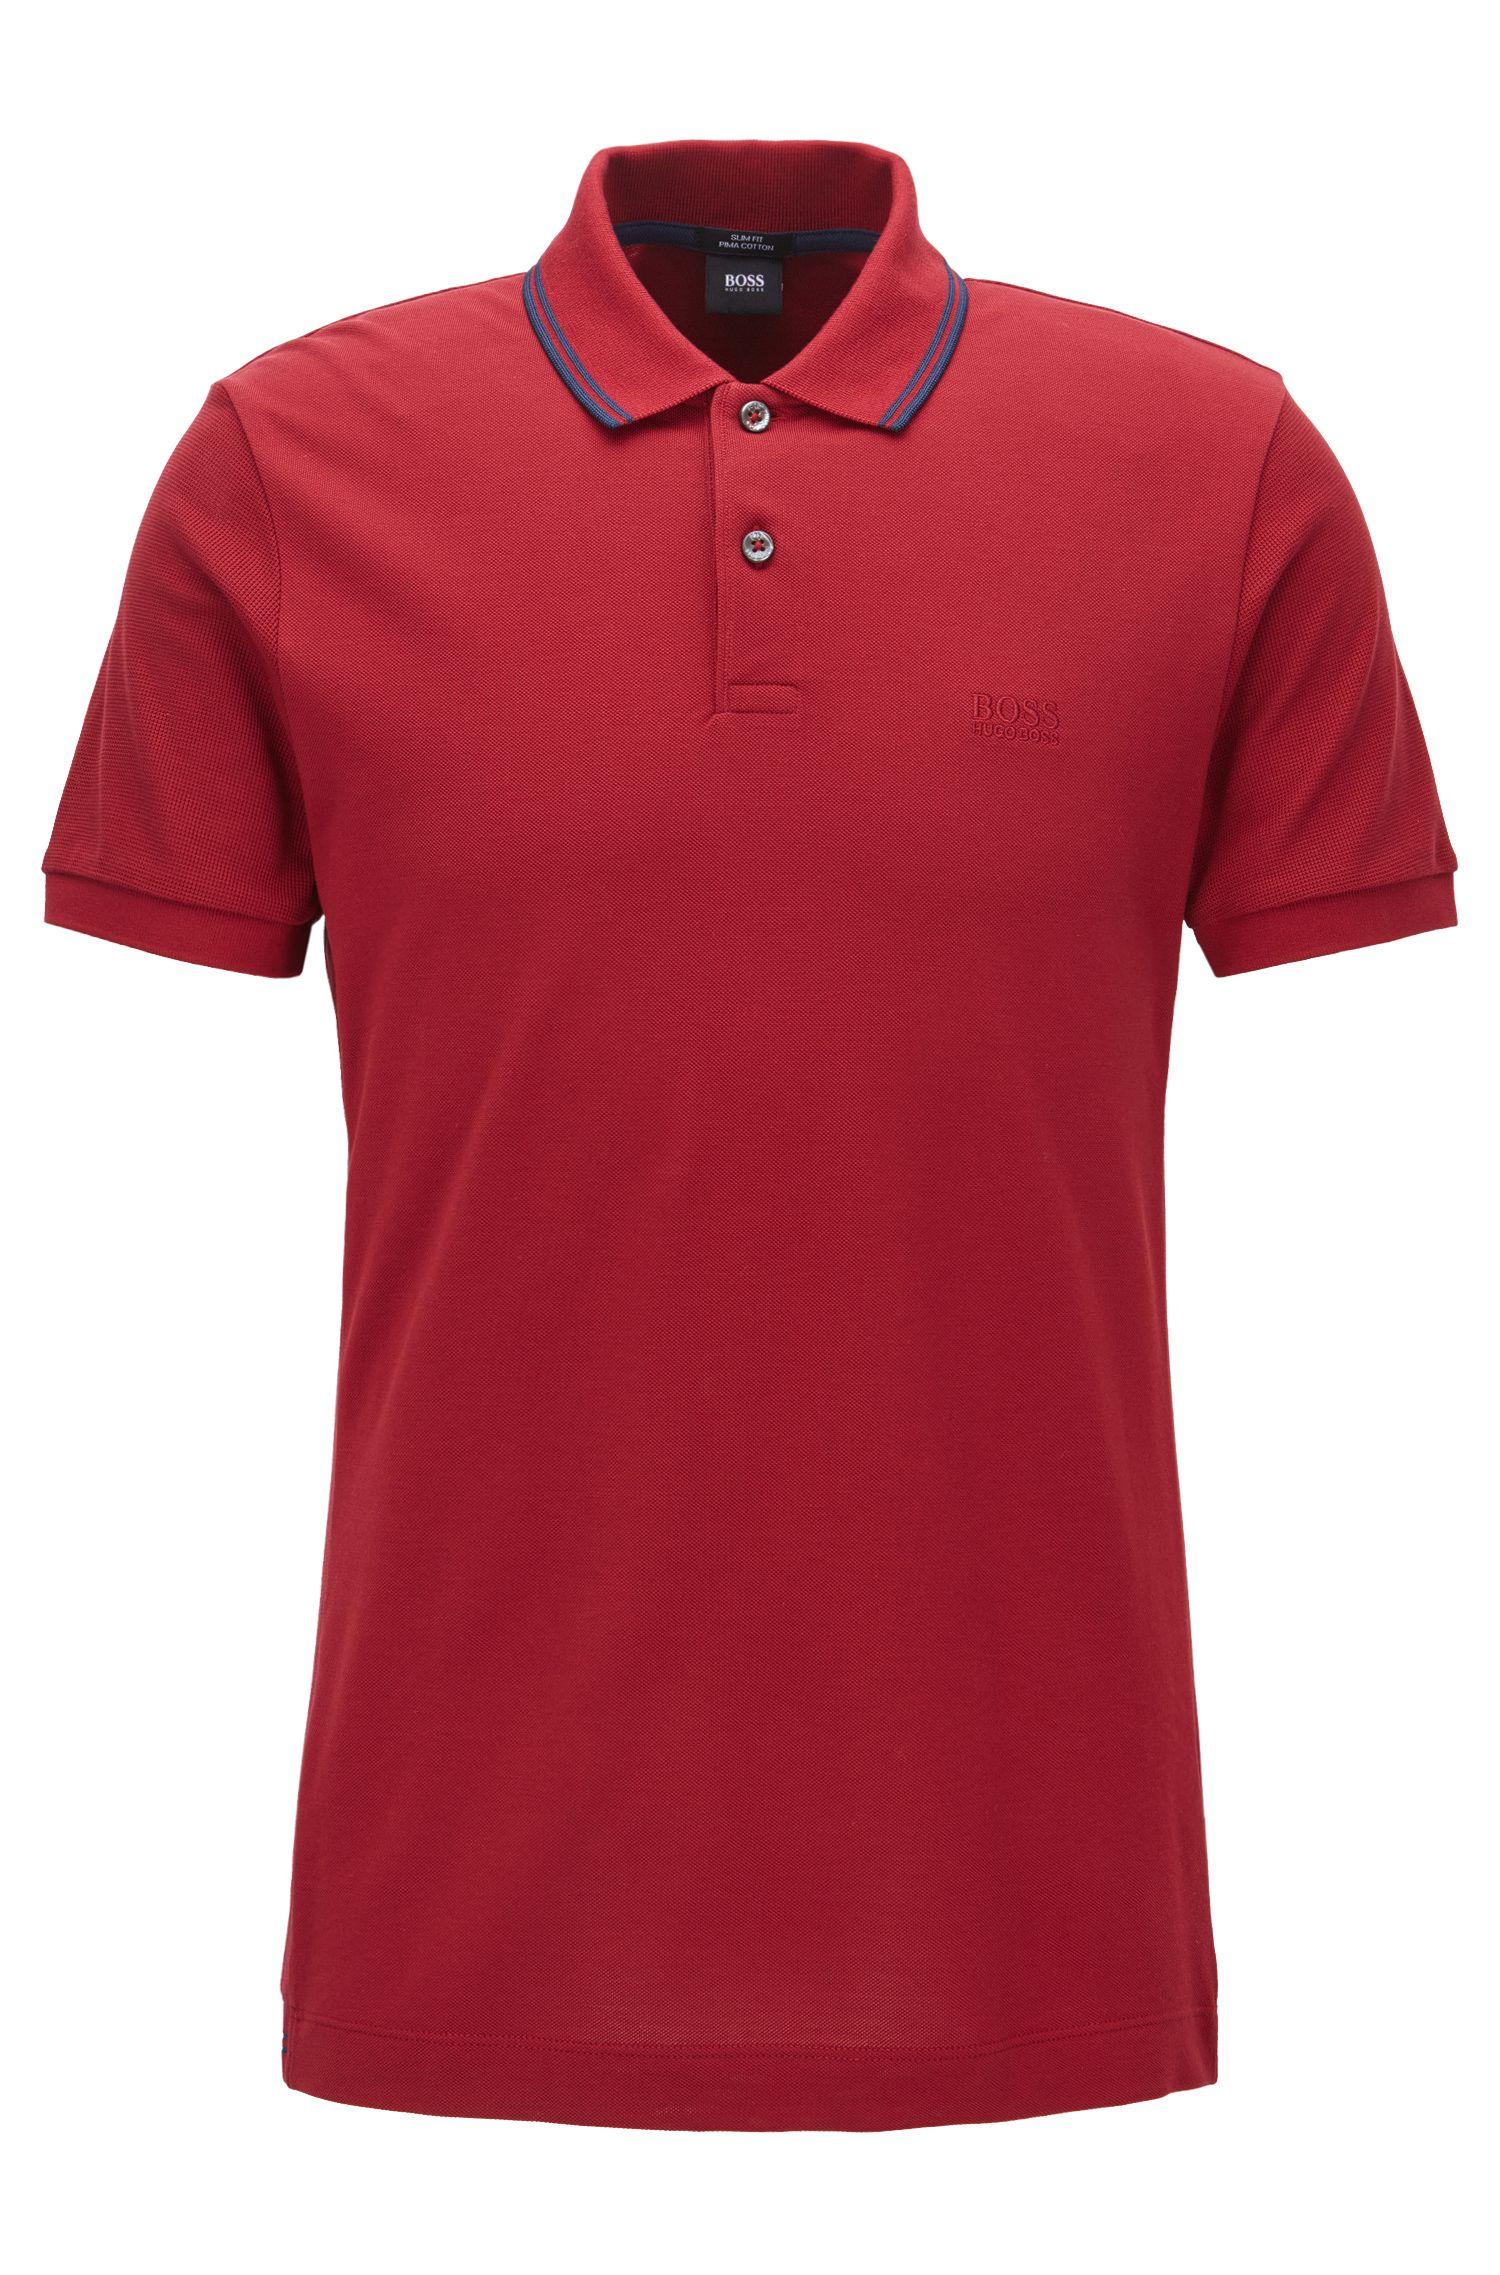 Polo Slim Fit en coton, rehaussé de détails en maille